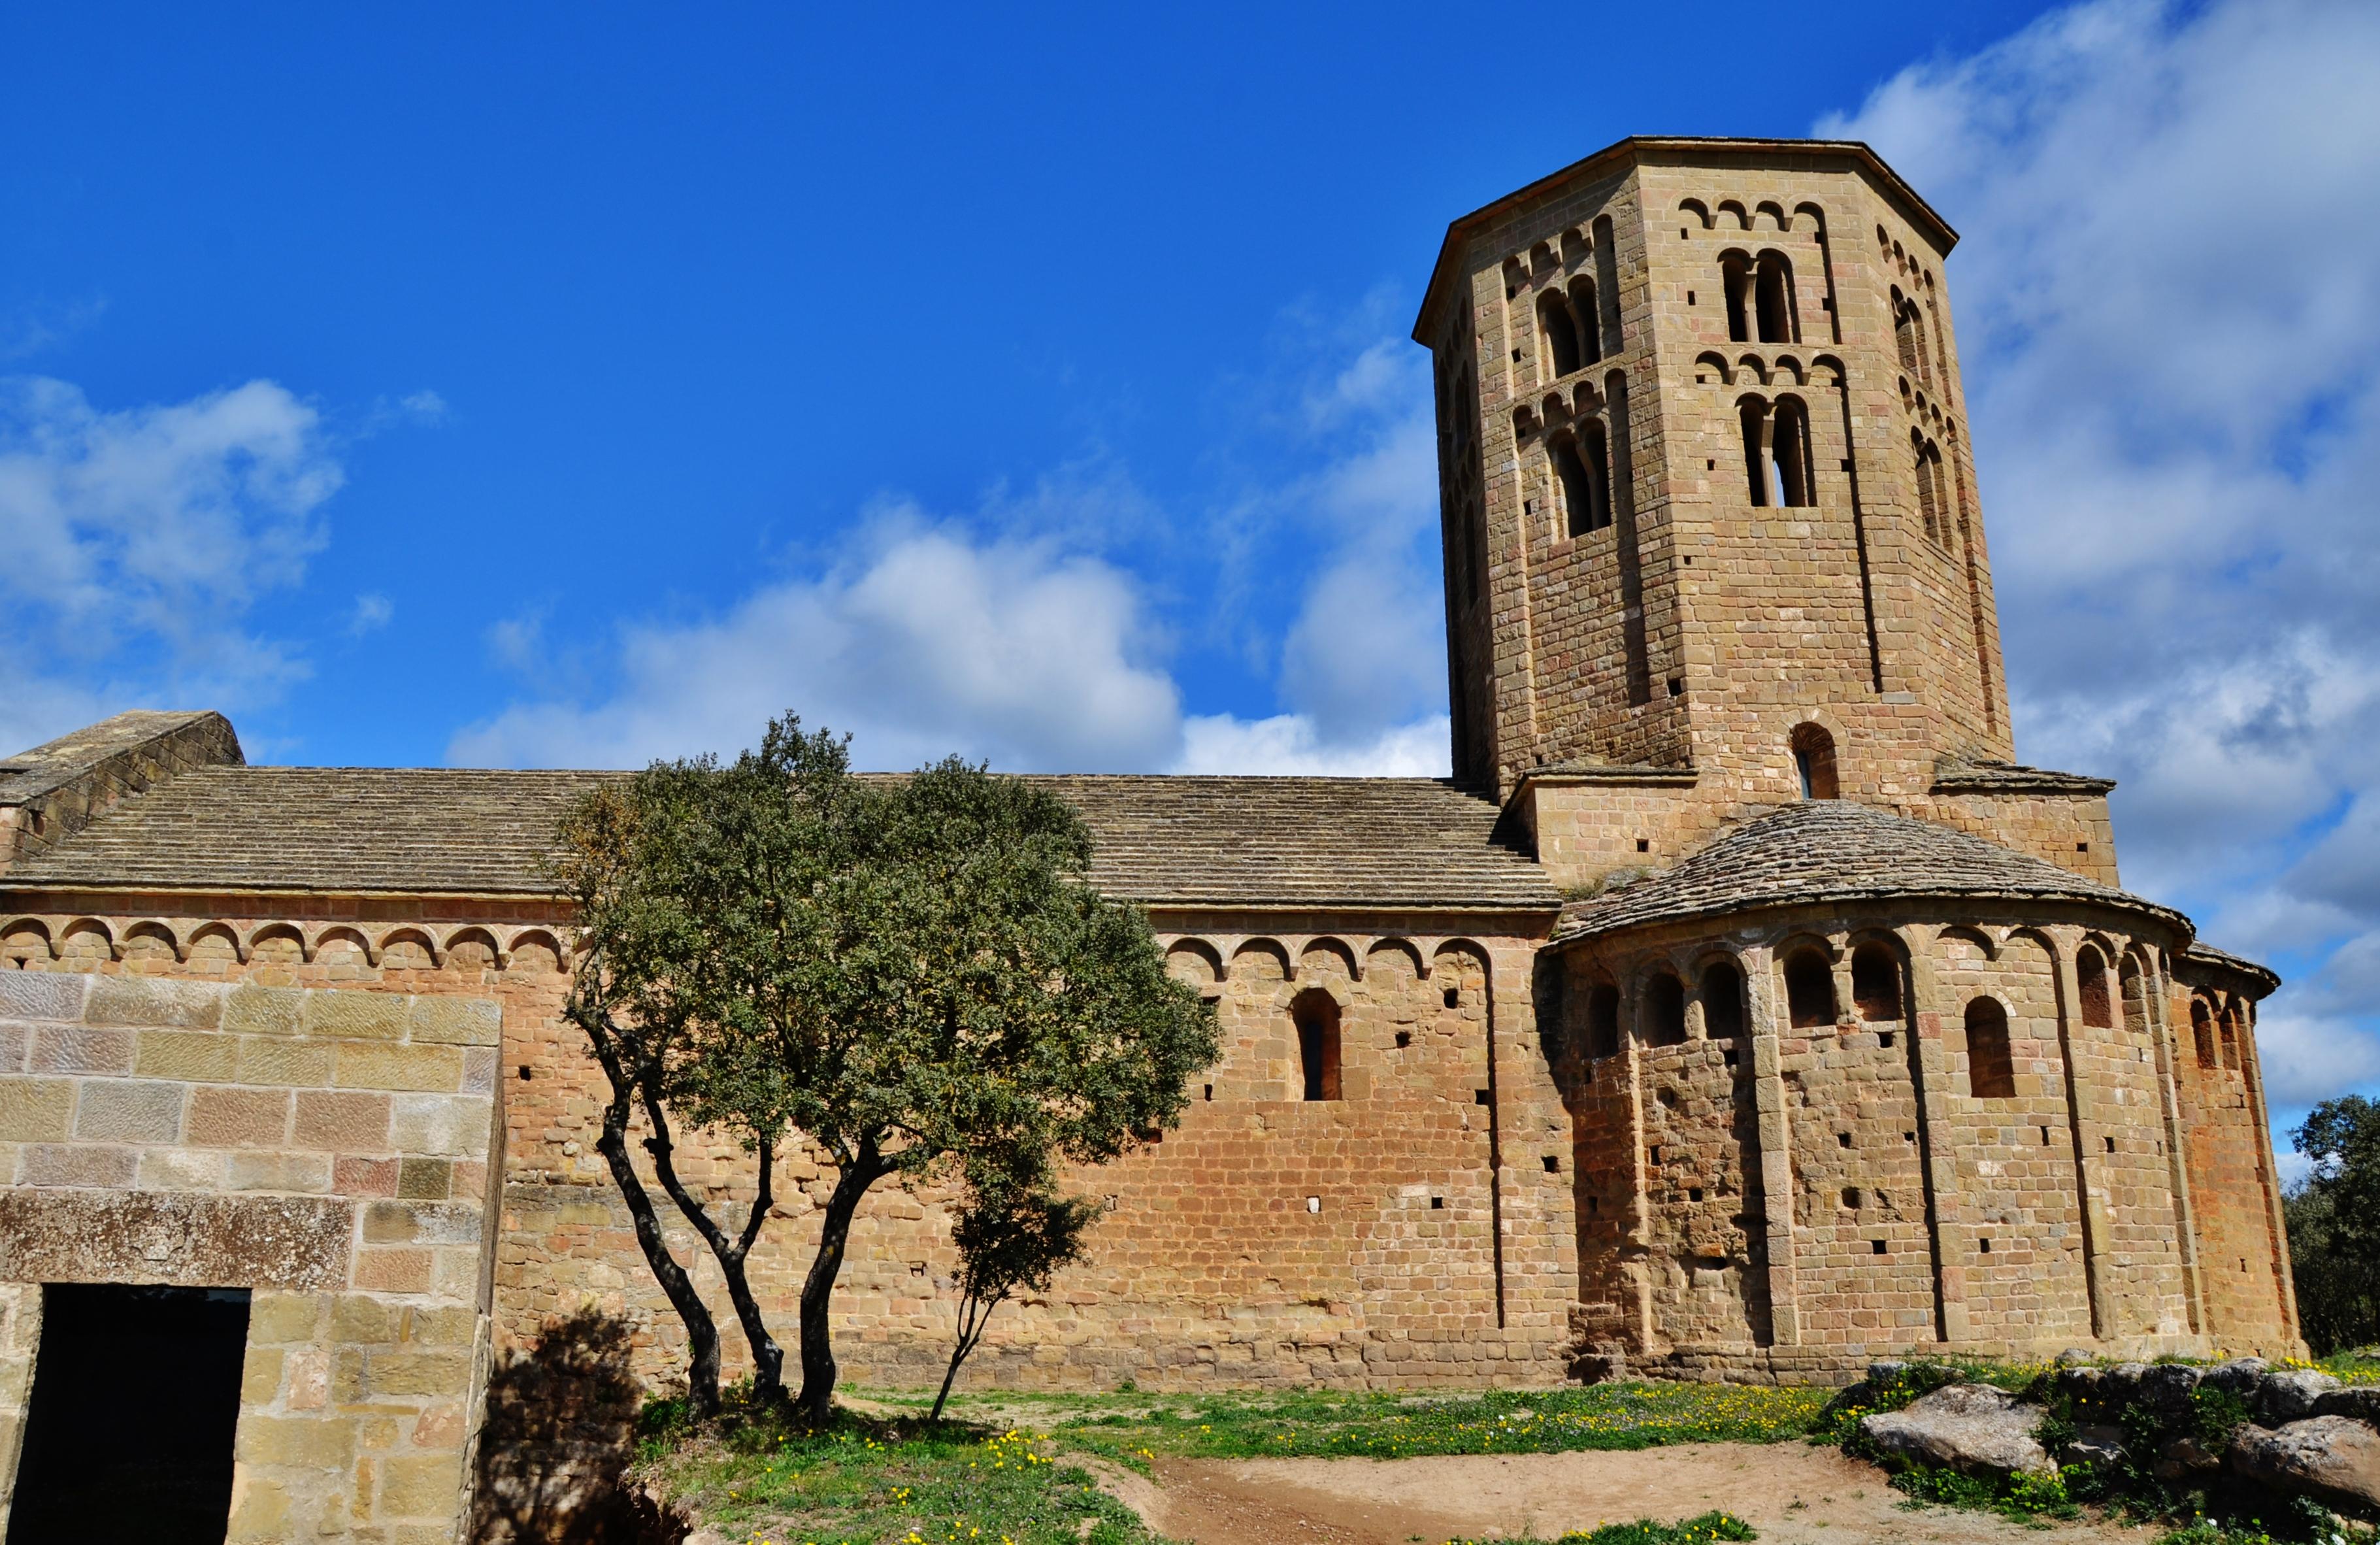 File:Església de Sant Pere (Ponts) - 12.jpg - Wikimedia Commons